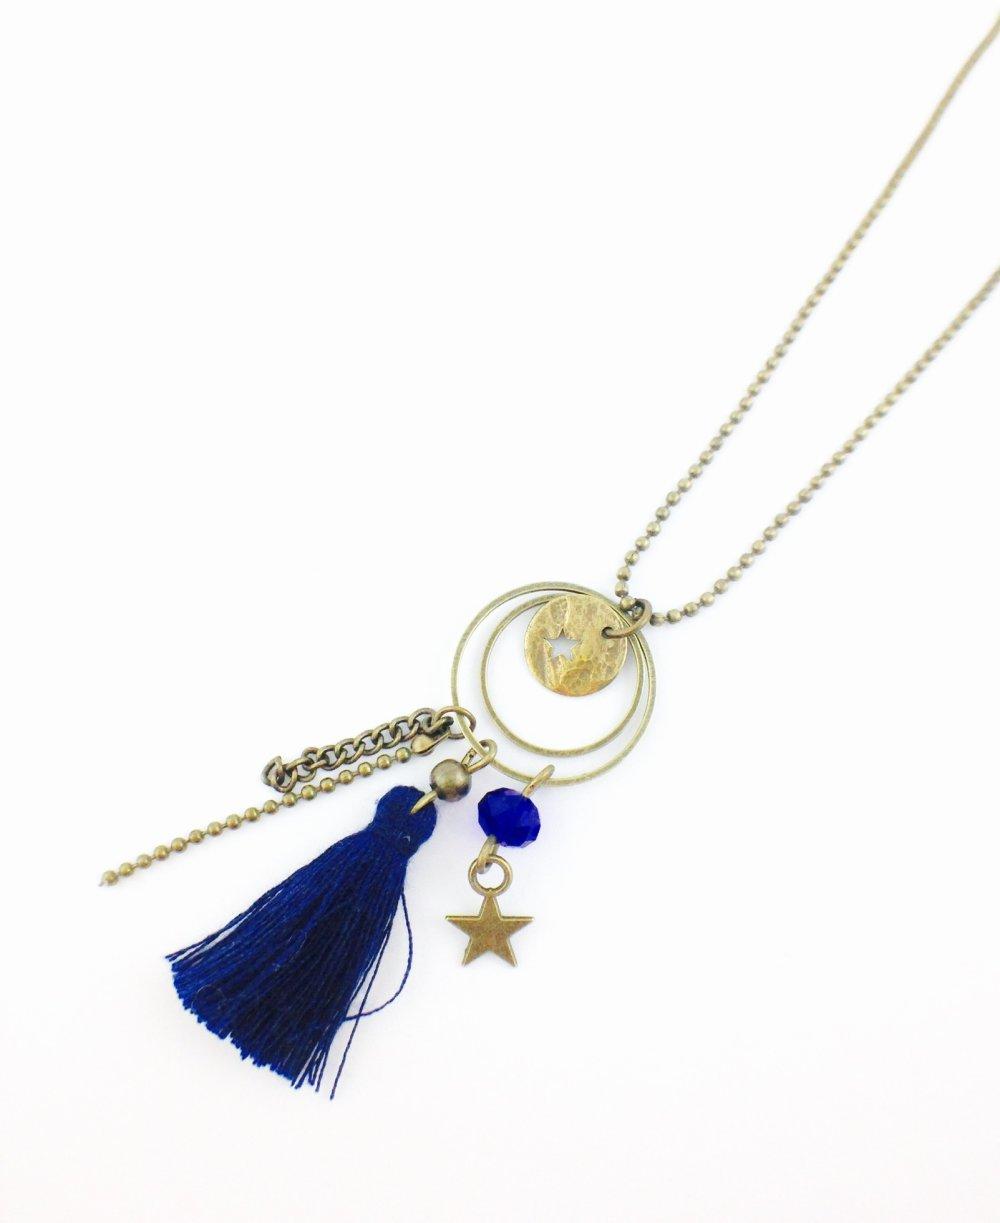 Collier Sautoir bronze Anneaux Pompon bleu Etoile, creole bronze,cadeau, femme, bohème chic, original